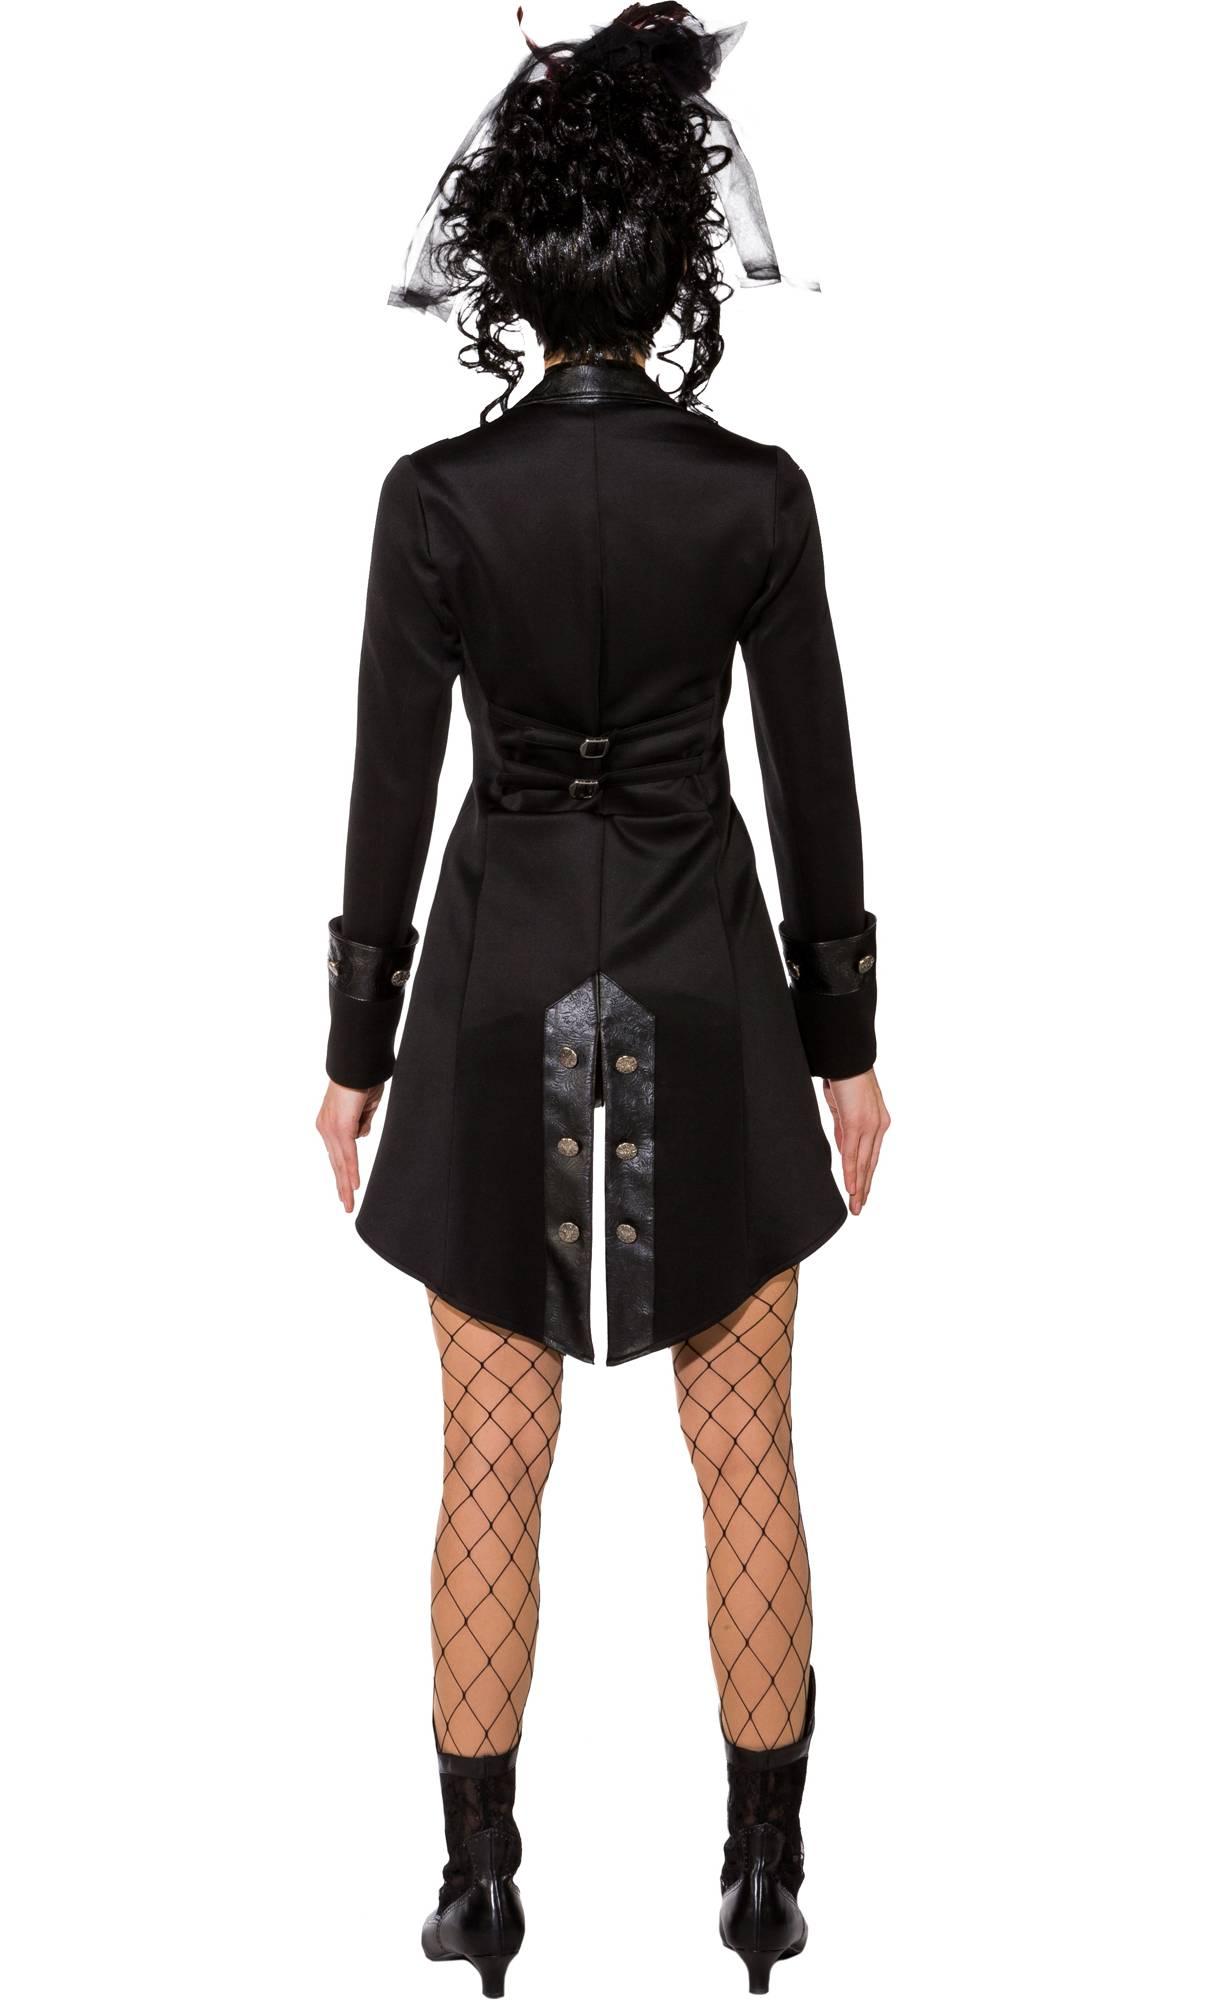 veste-gothique-pour-femme-grande-taille-2